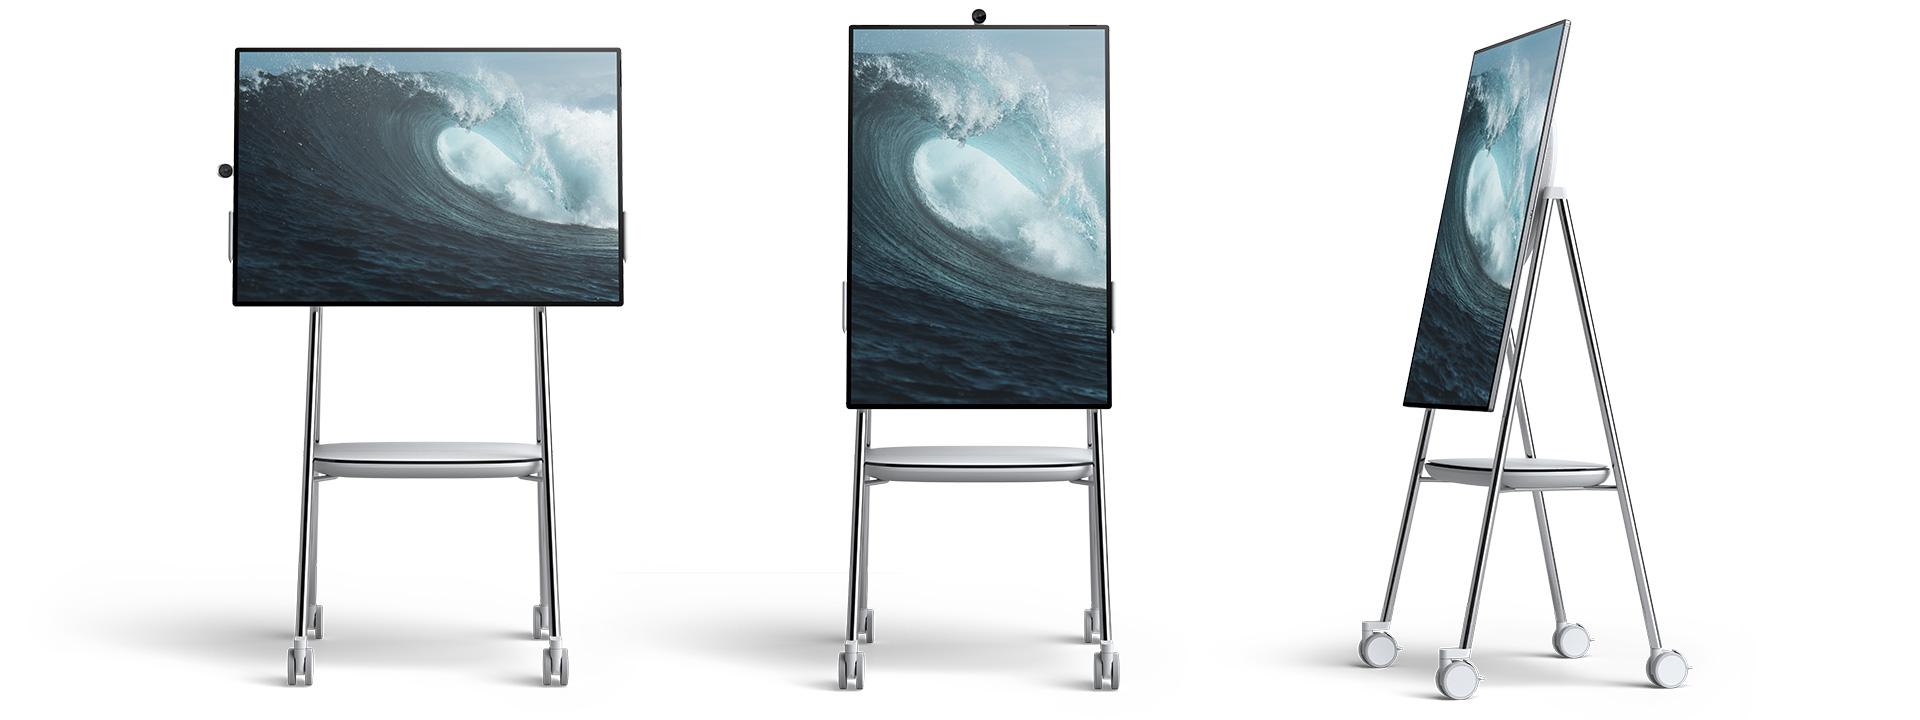 Steelcase が設計した移動式のキャスター付きスタンドに設置された 3 台の Surface Hub 2